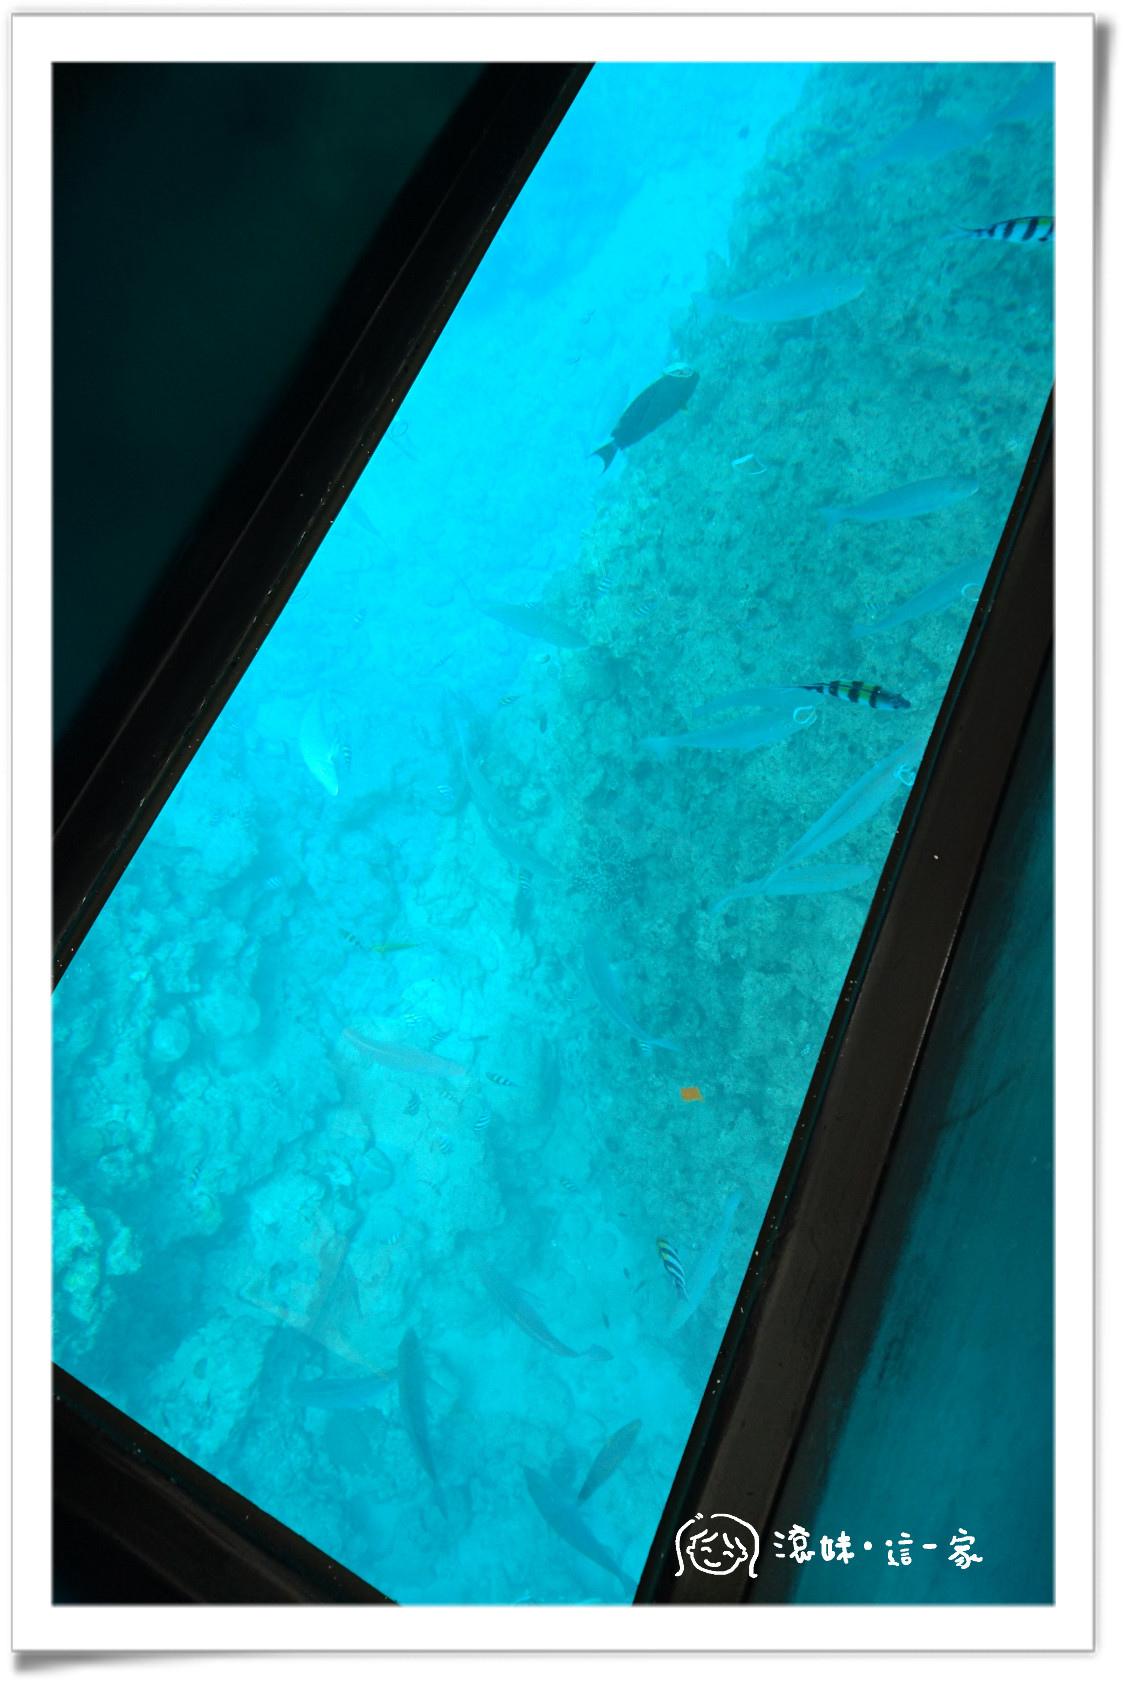 玻璃船001.jpg